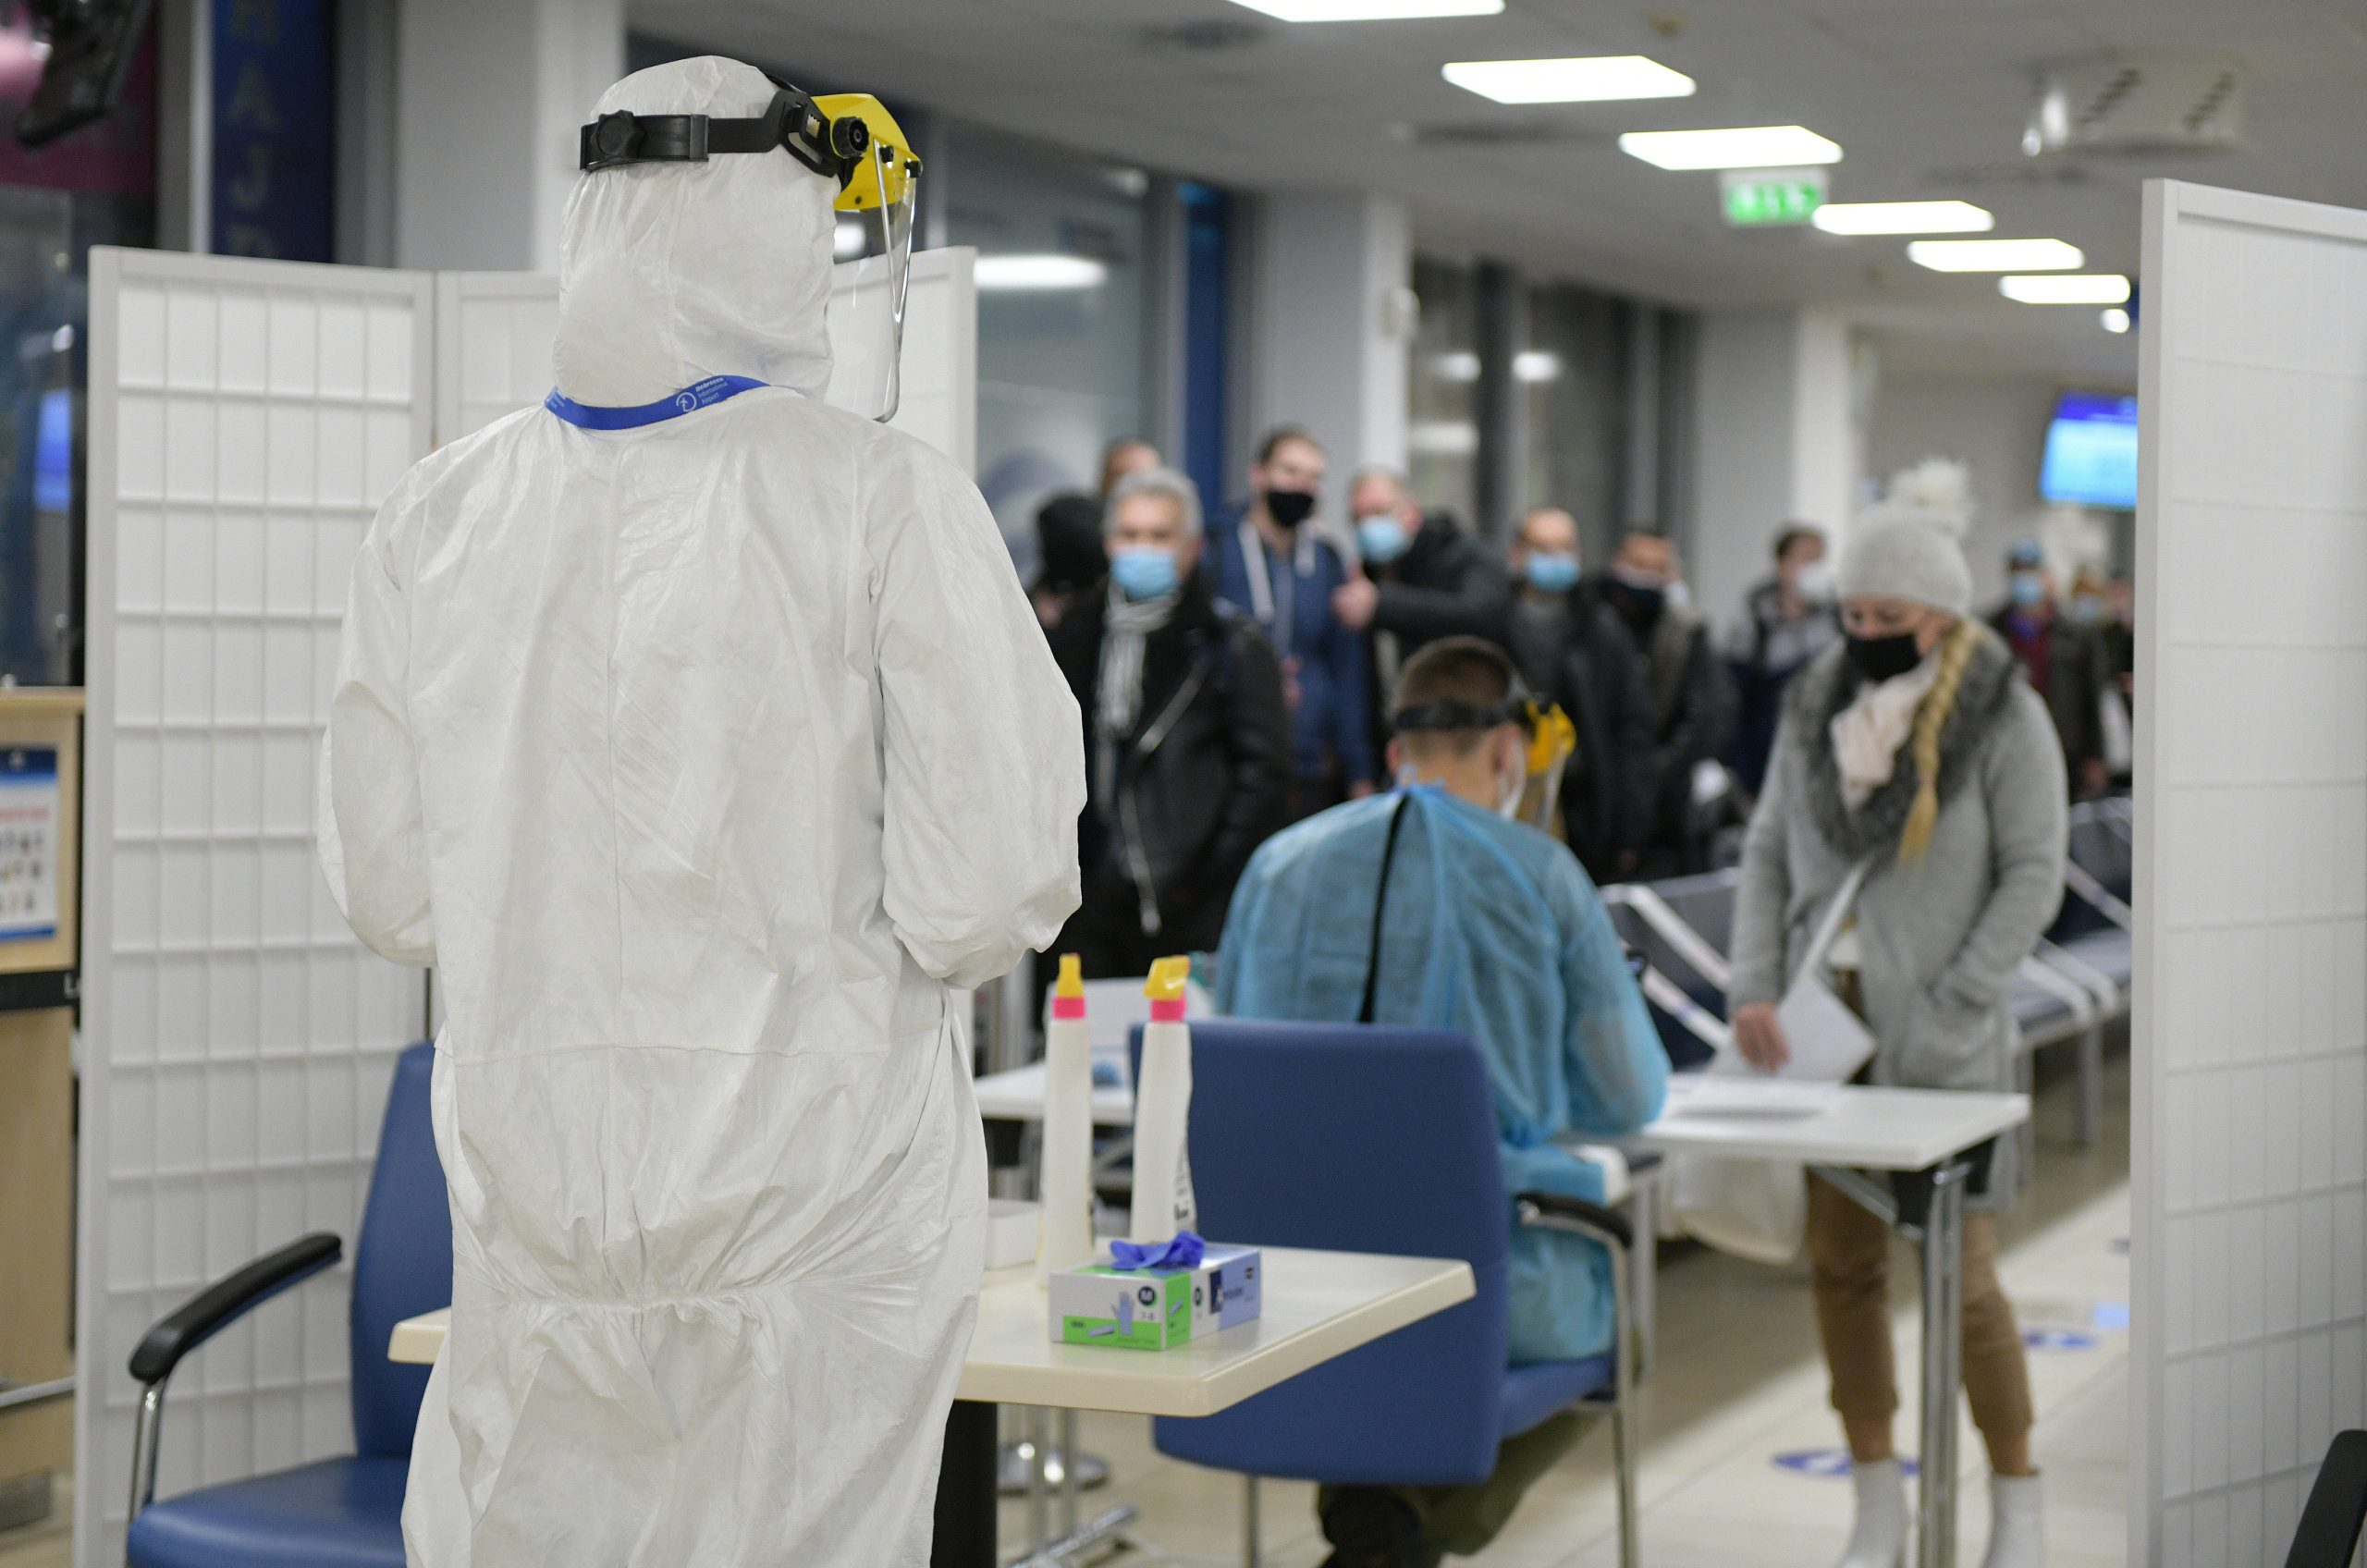 Coronavirus - Testlabor am Flughafen Liszt Ferenc eröffnet